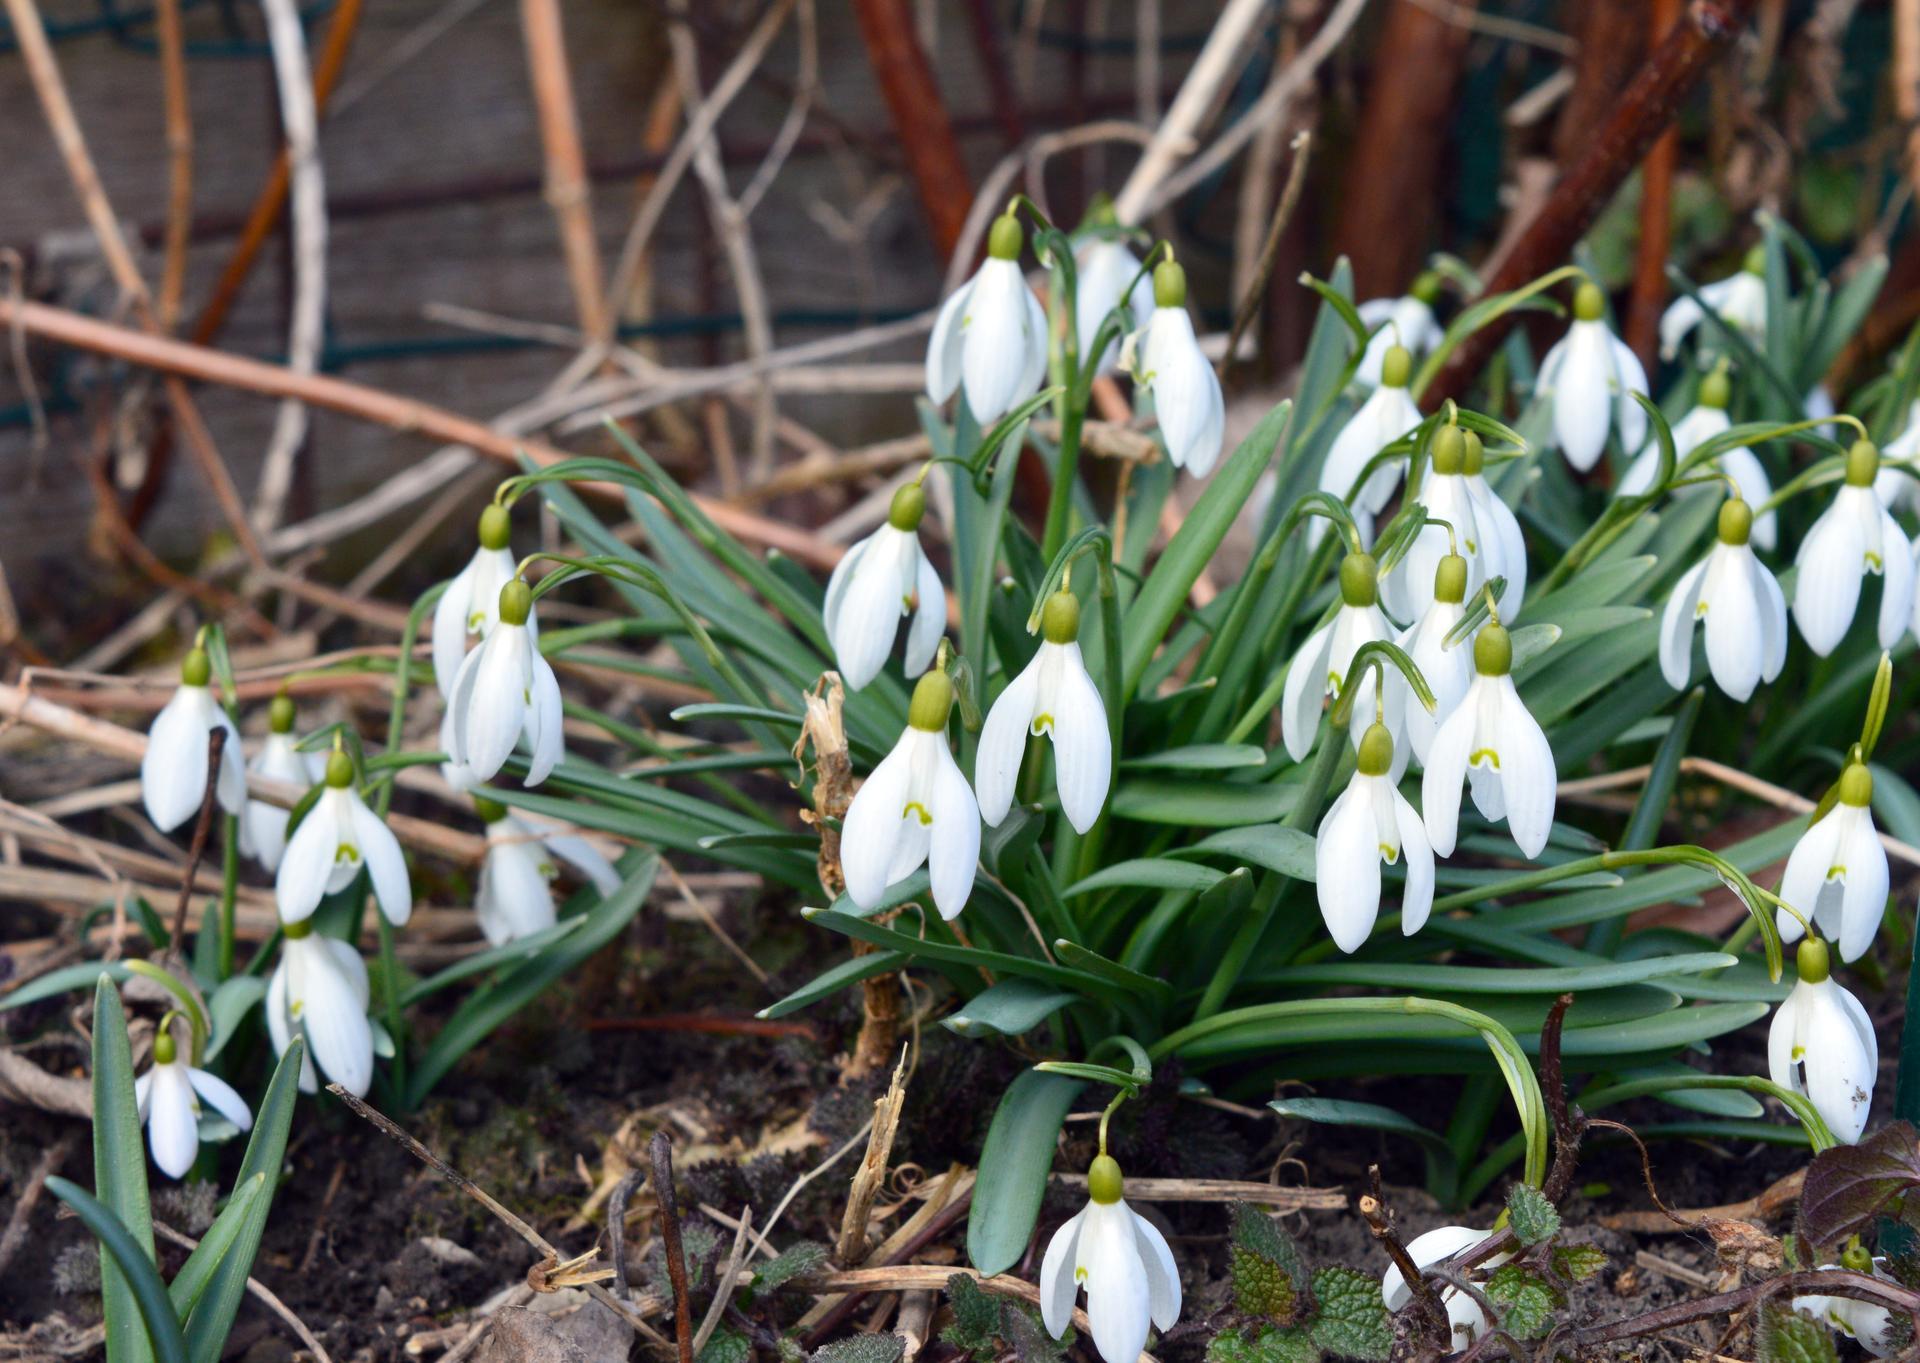 Naša prírodná perma záhradka v roku 2021 - 3/2021 - konečne sa rozbehli aj snežienky